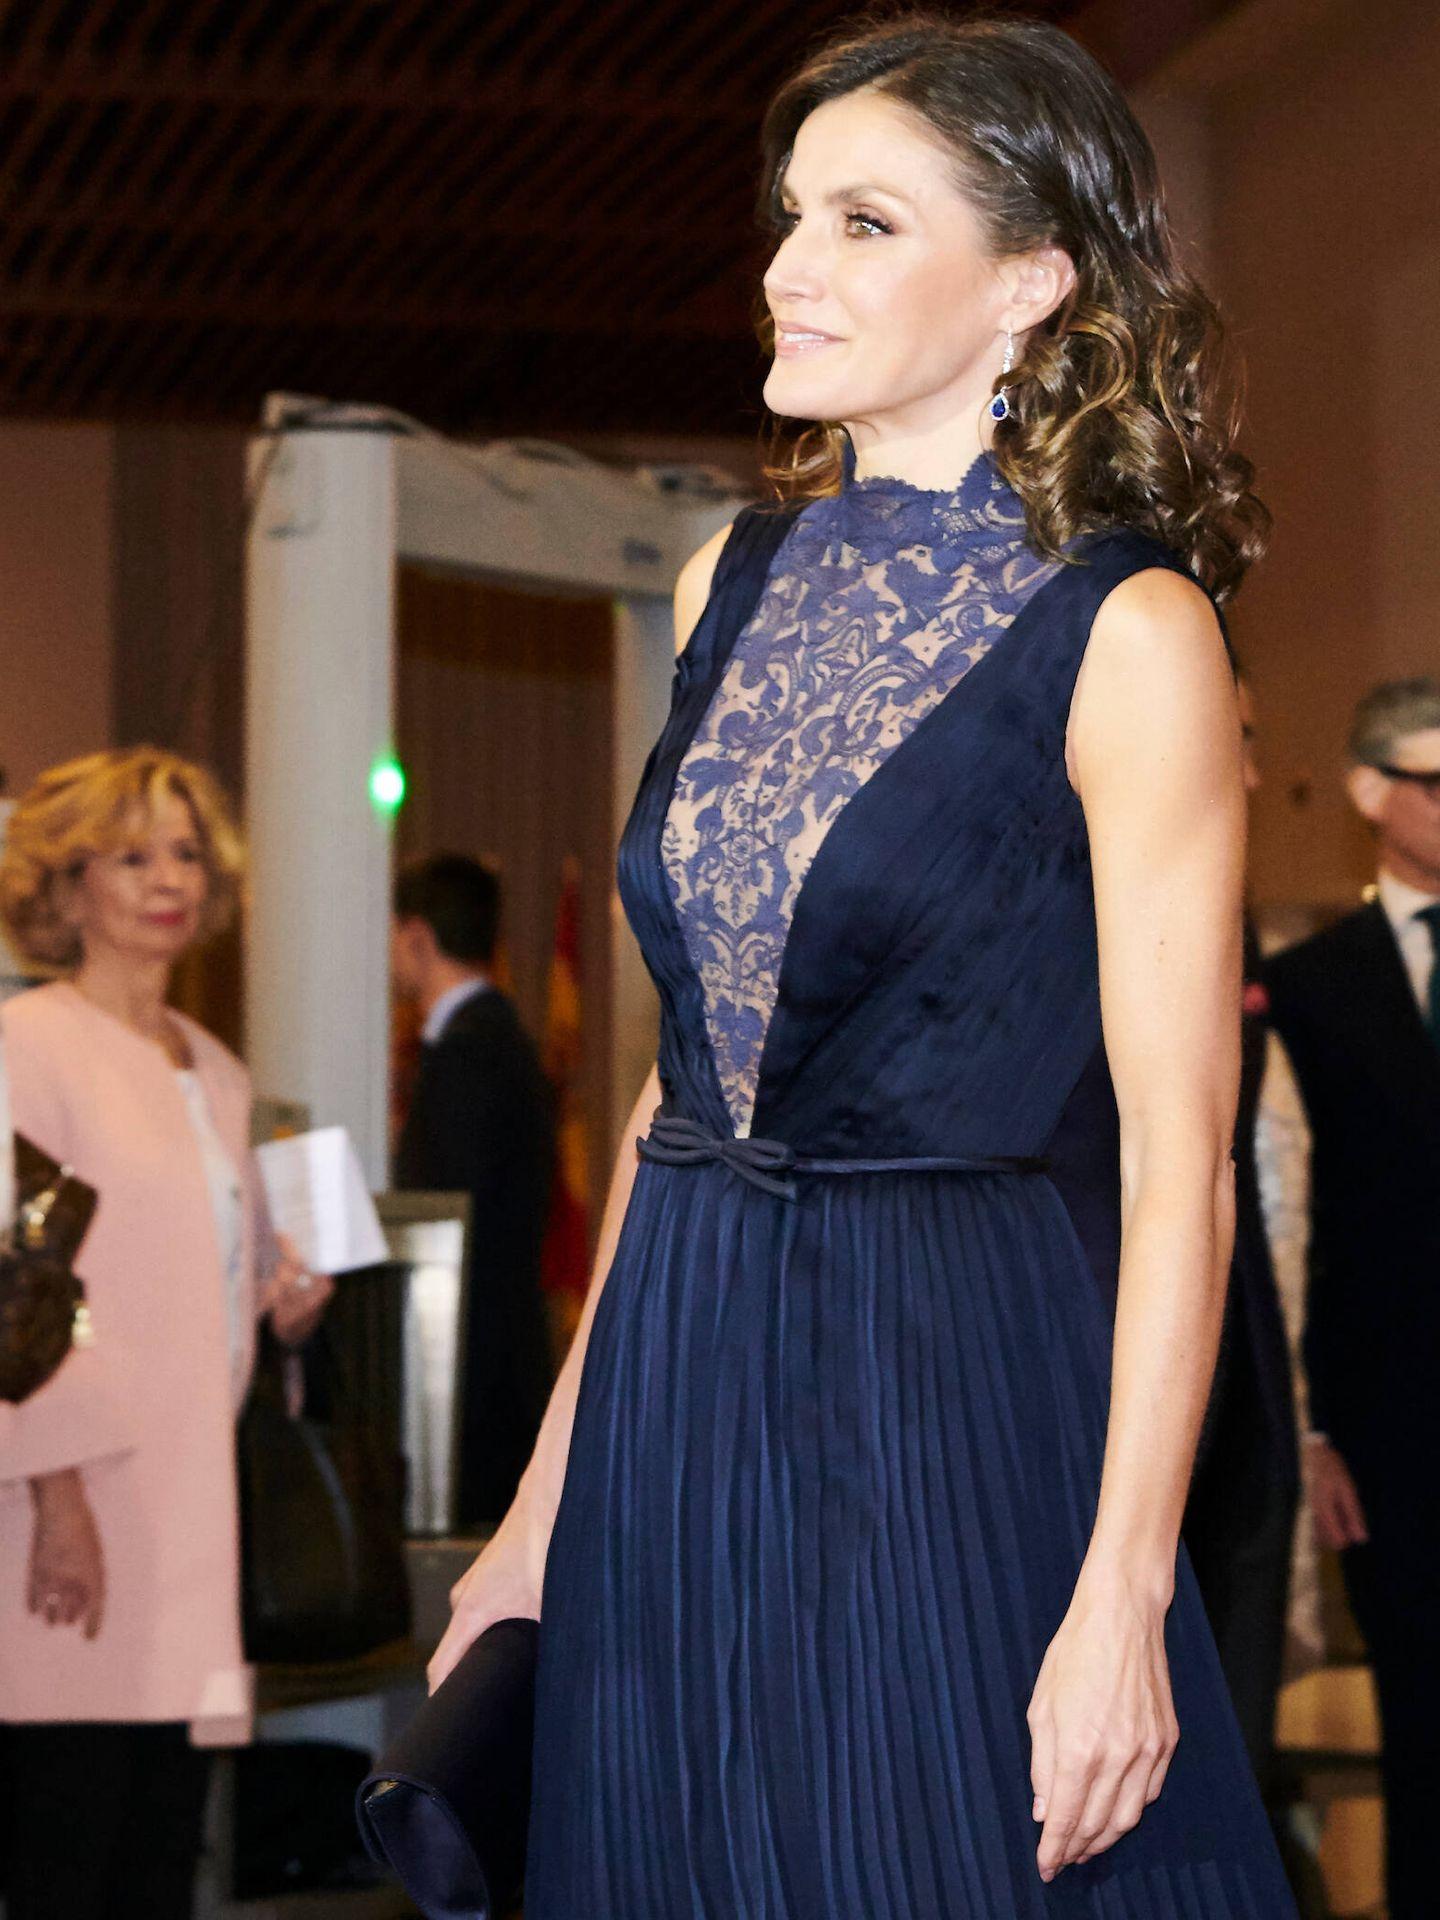 La Reina, con el vestido azul. (LP)